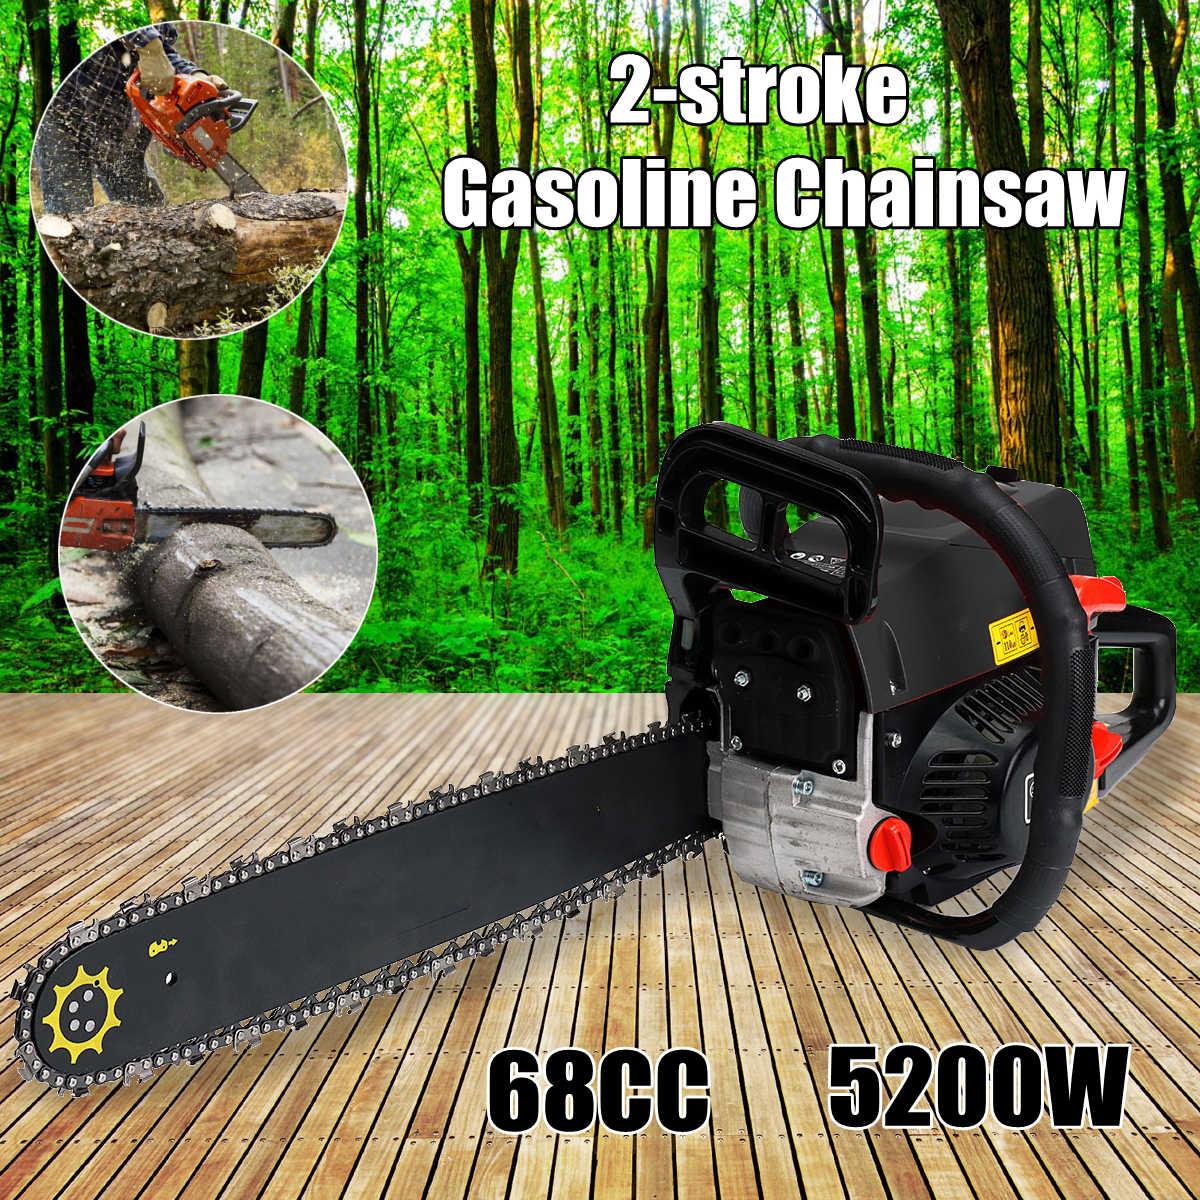 """Chuyên nghiệp Gỗ cutter 5200 W 68CC, mini Xăng Cưa Máy Cắt Gỗ 2-đột quỵ Gas Chain Saw với 20 """"Lưỡi"""